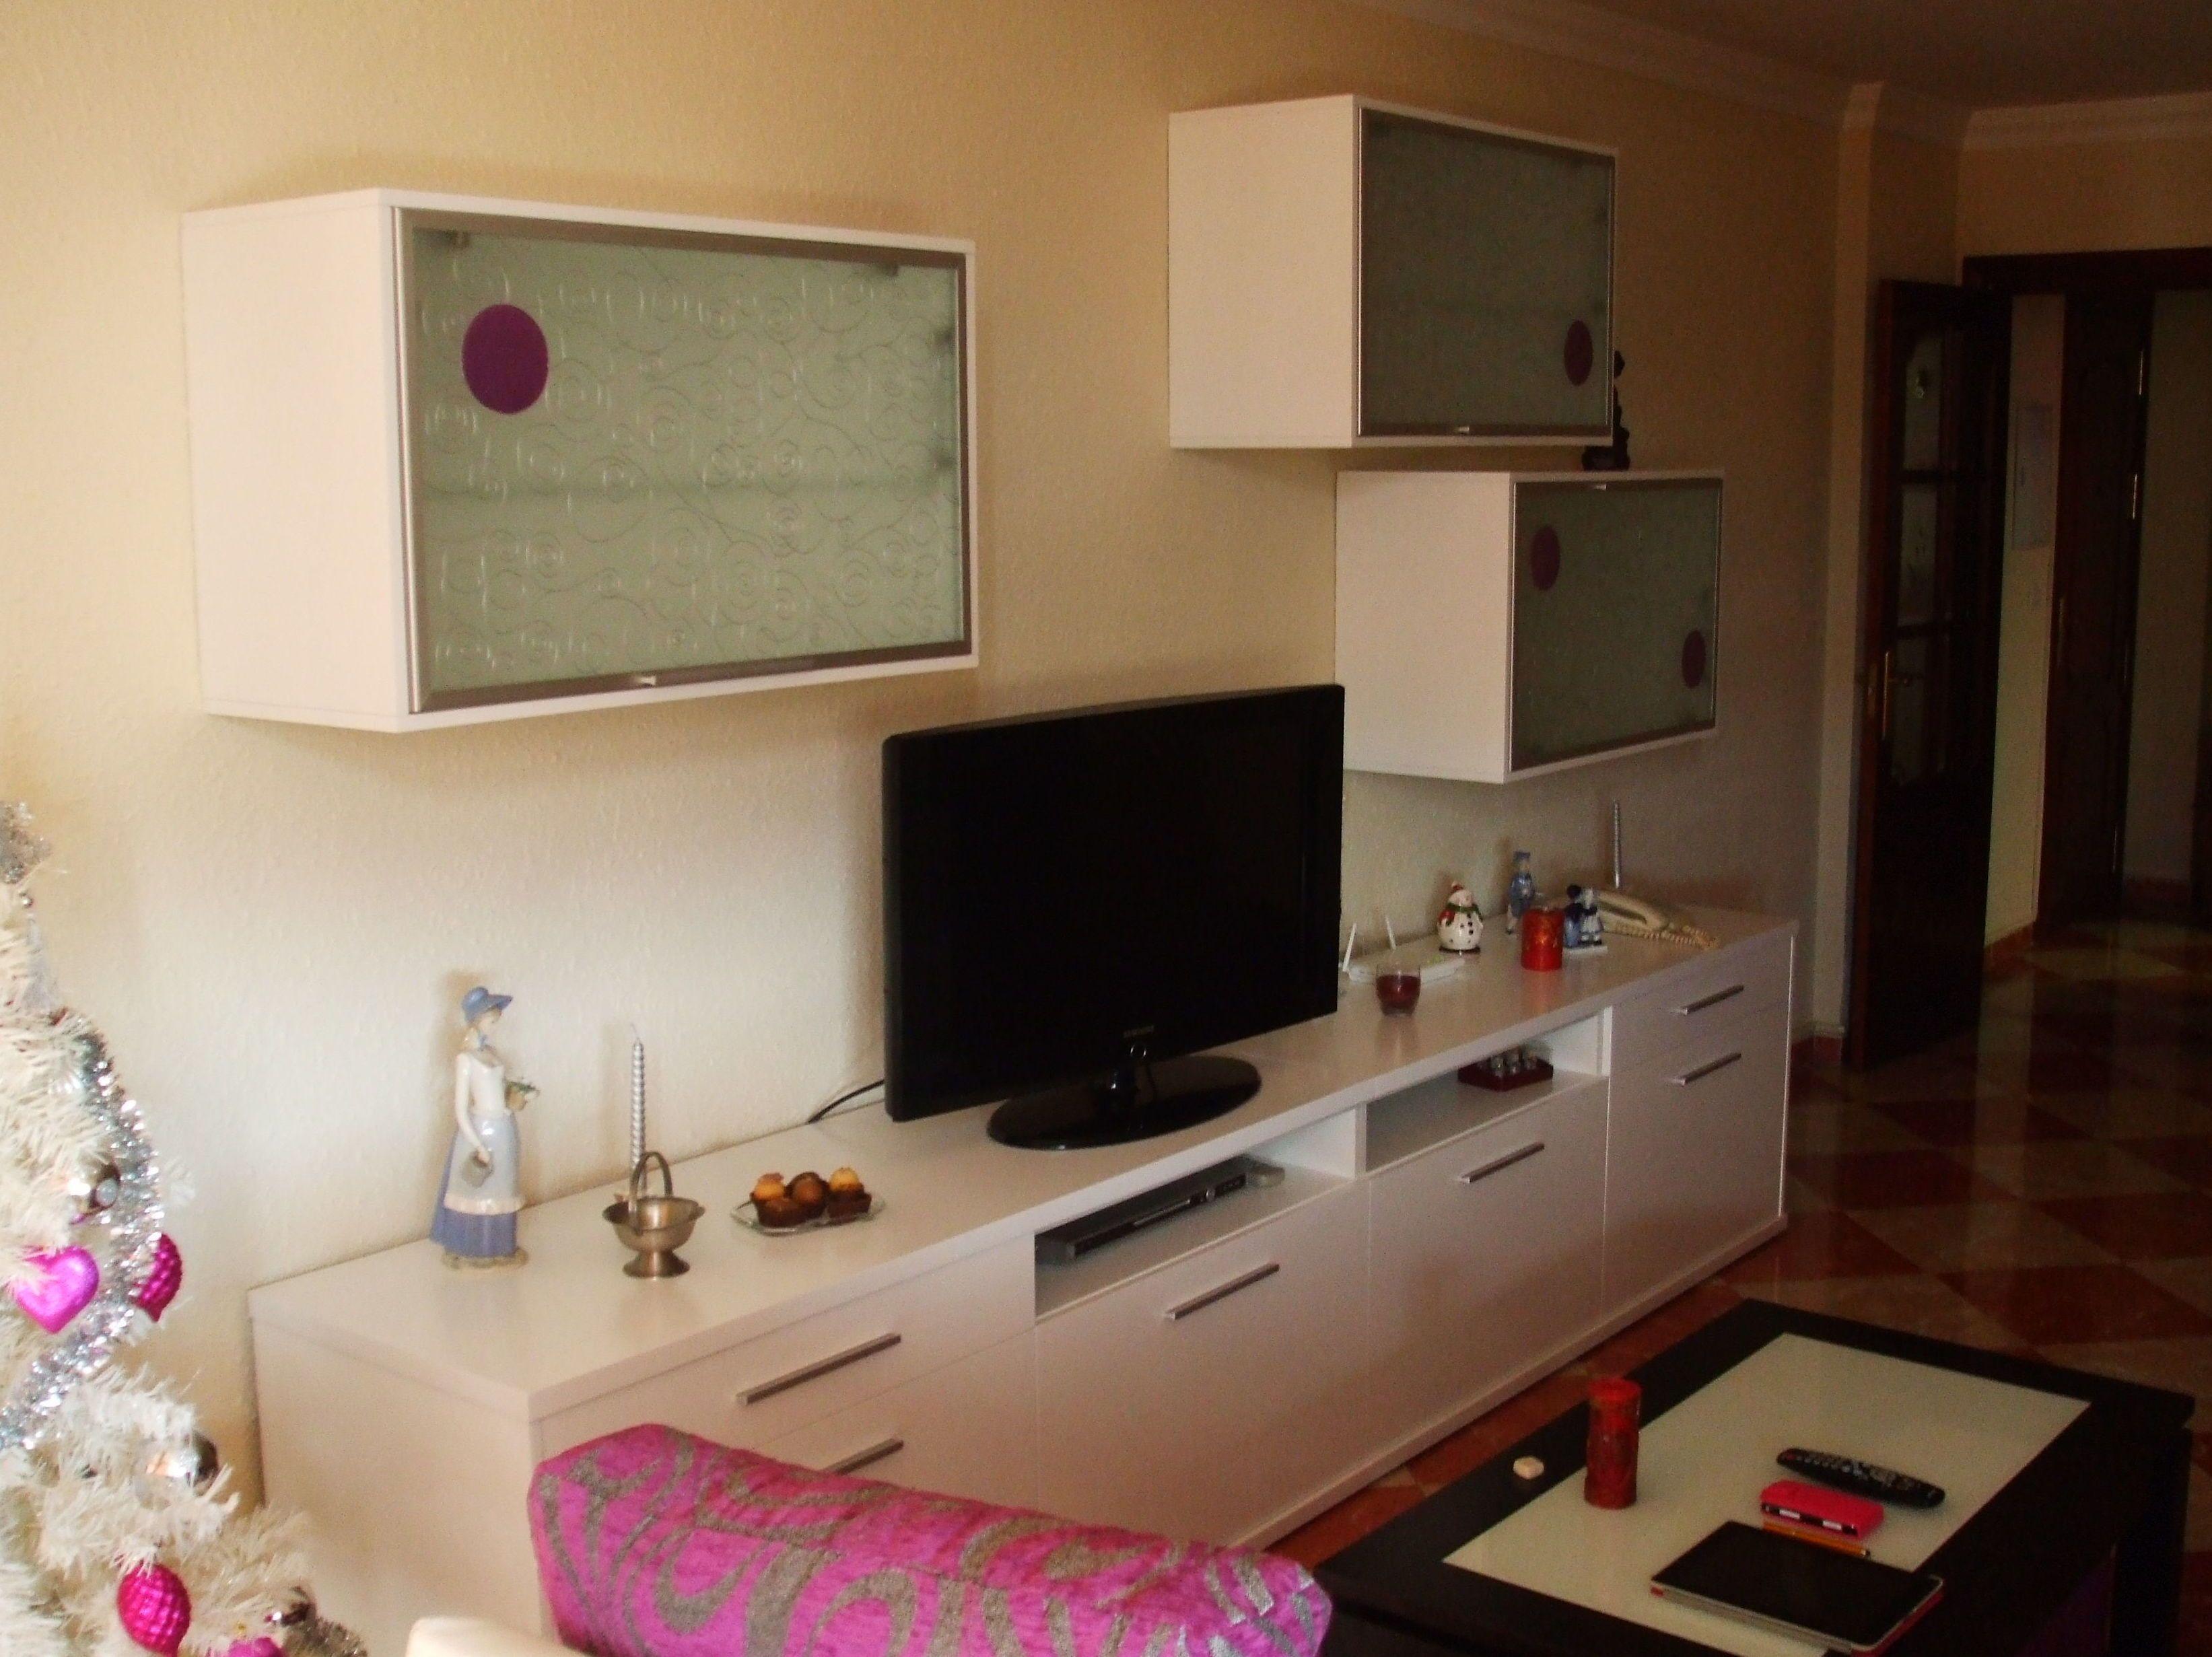 Muebles de cocina en m laga mar jim nez dise o de cocinas - Muebles de salon malaga ...